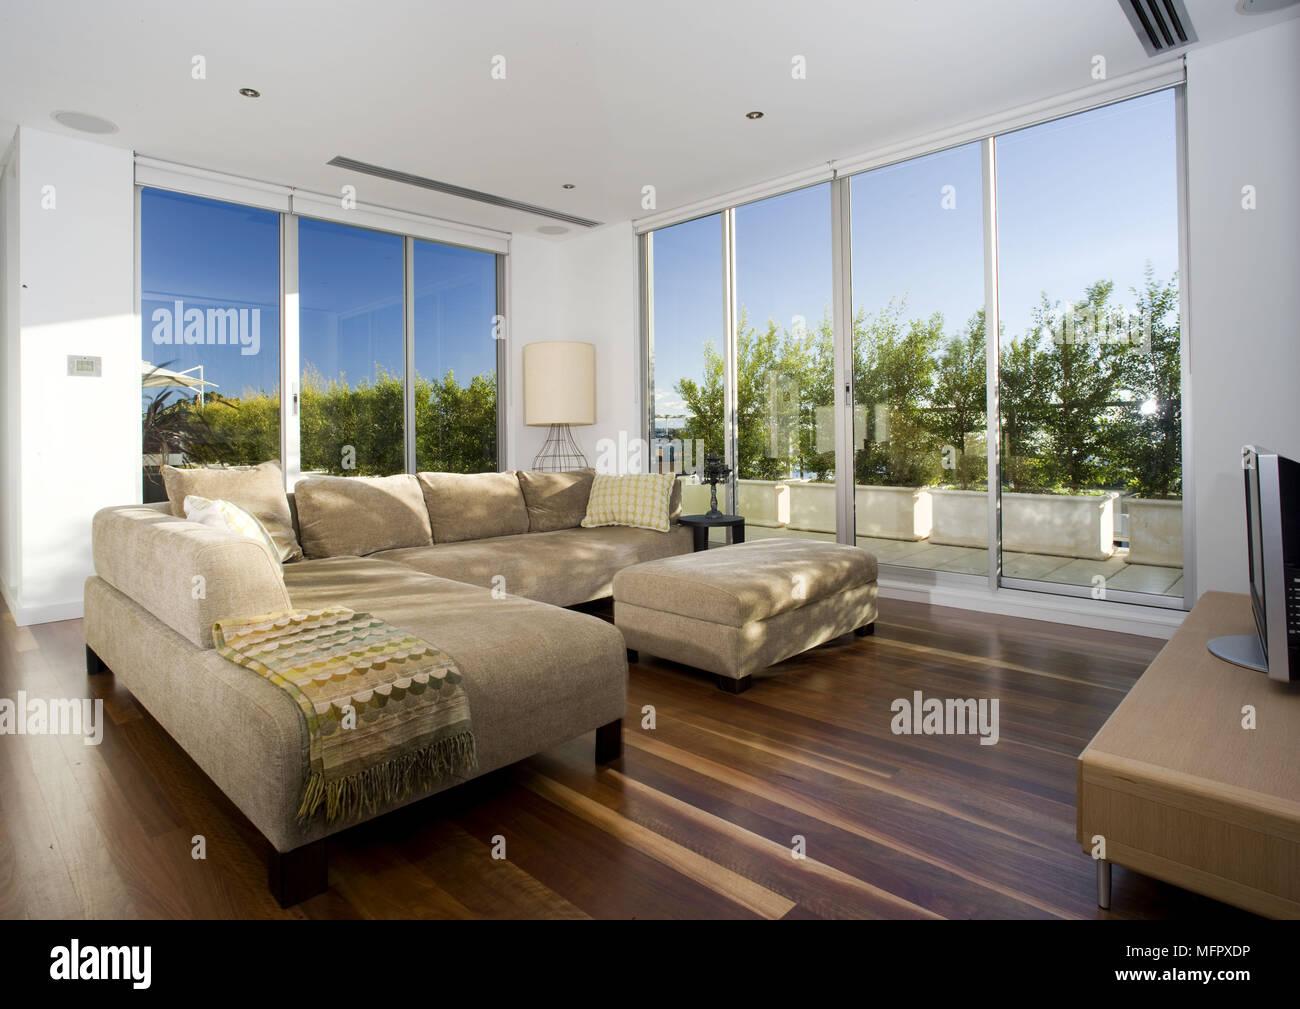 Gepolstertes sofa mit ottomane in modernen geräumigen wohnzimmer